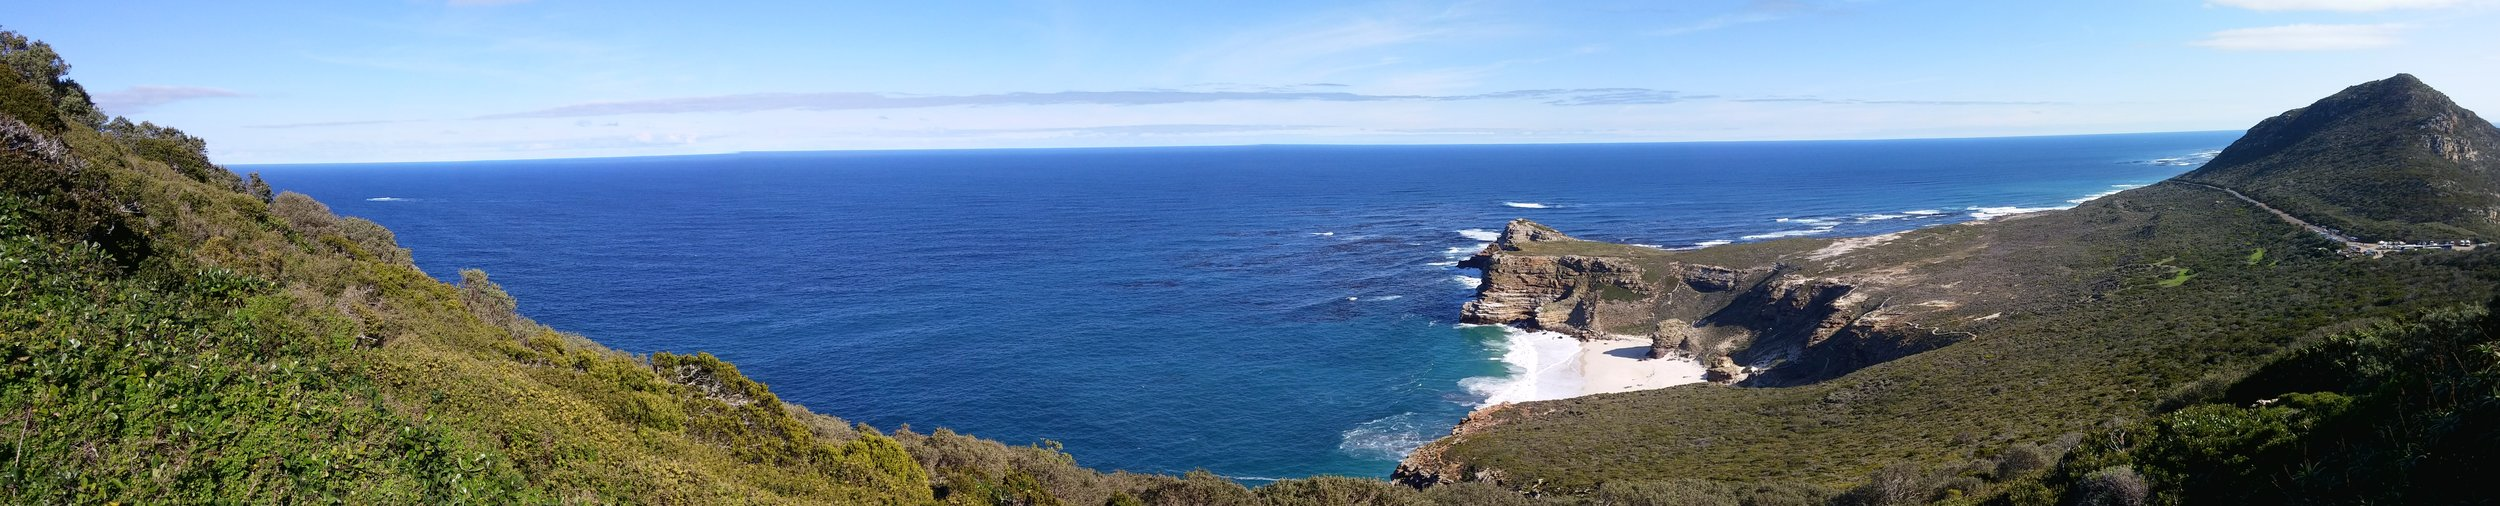 Cape Point beaches